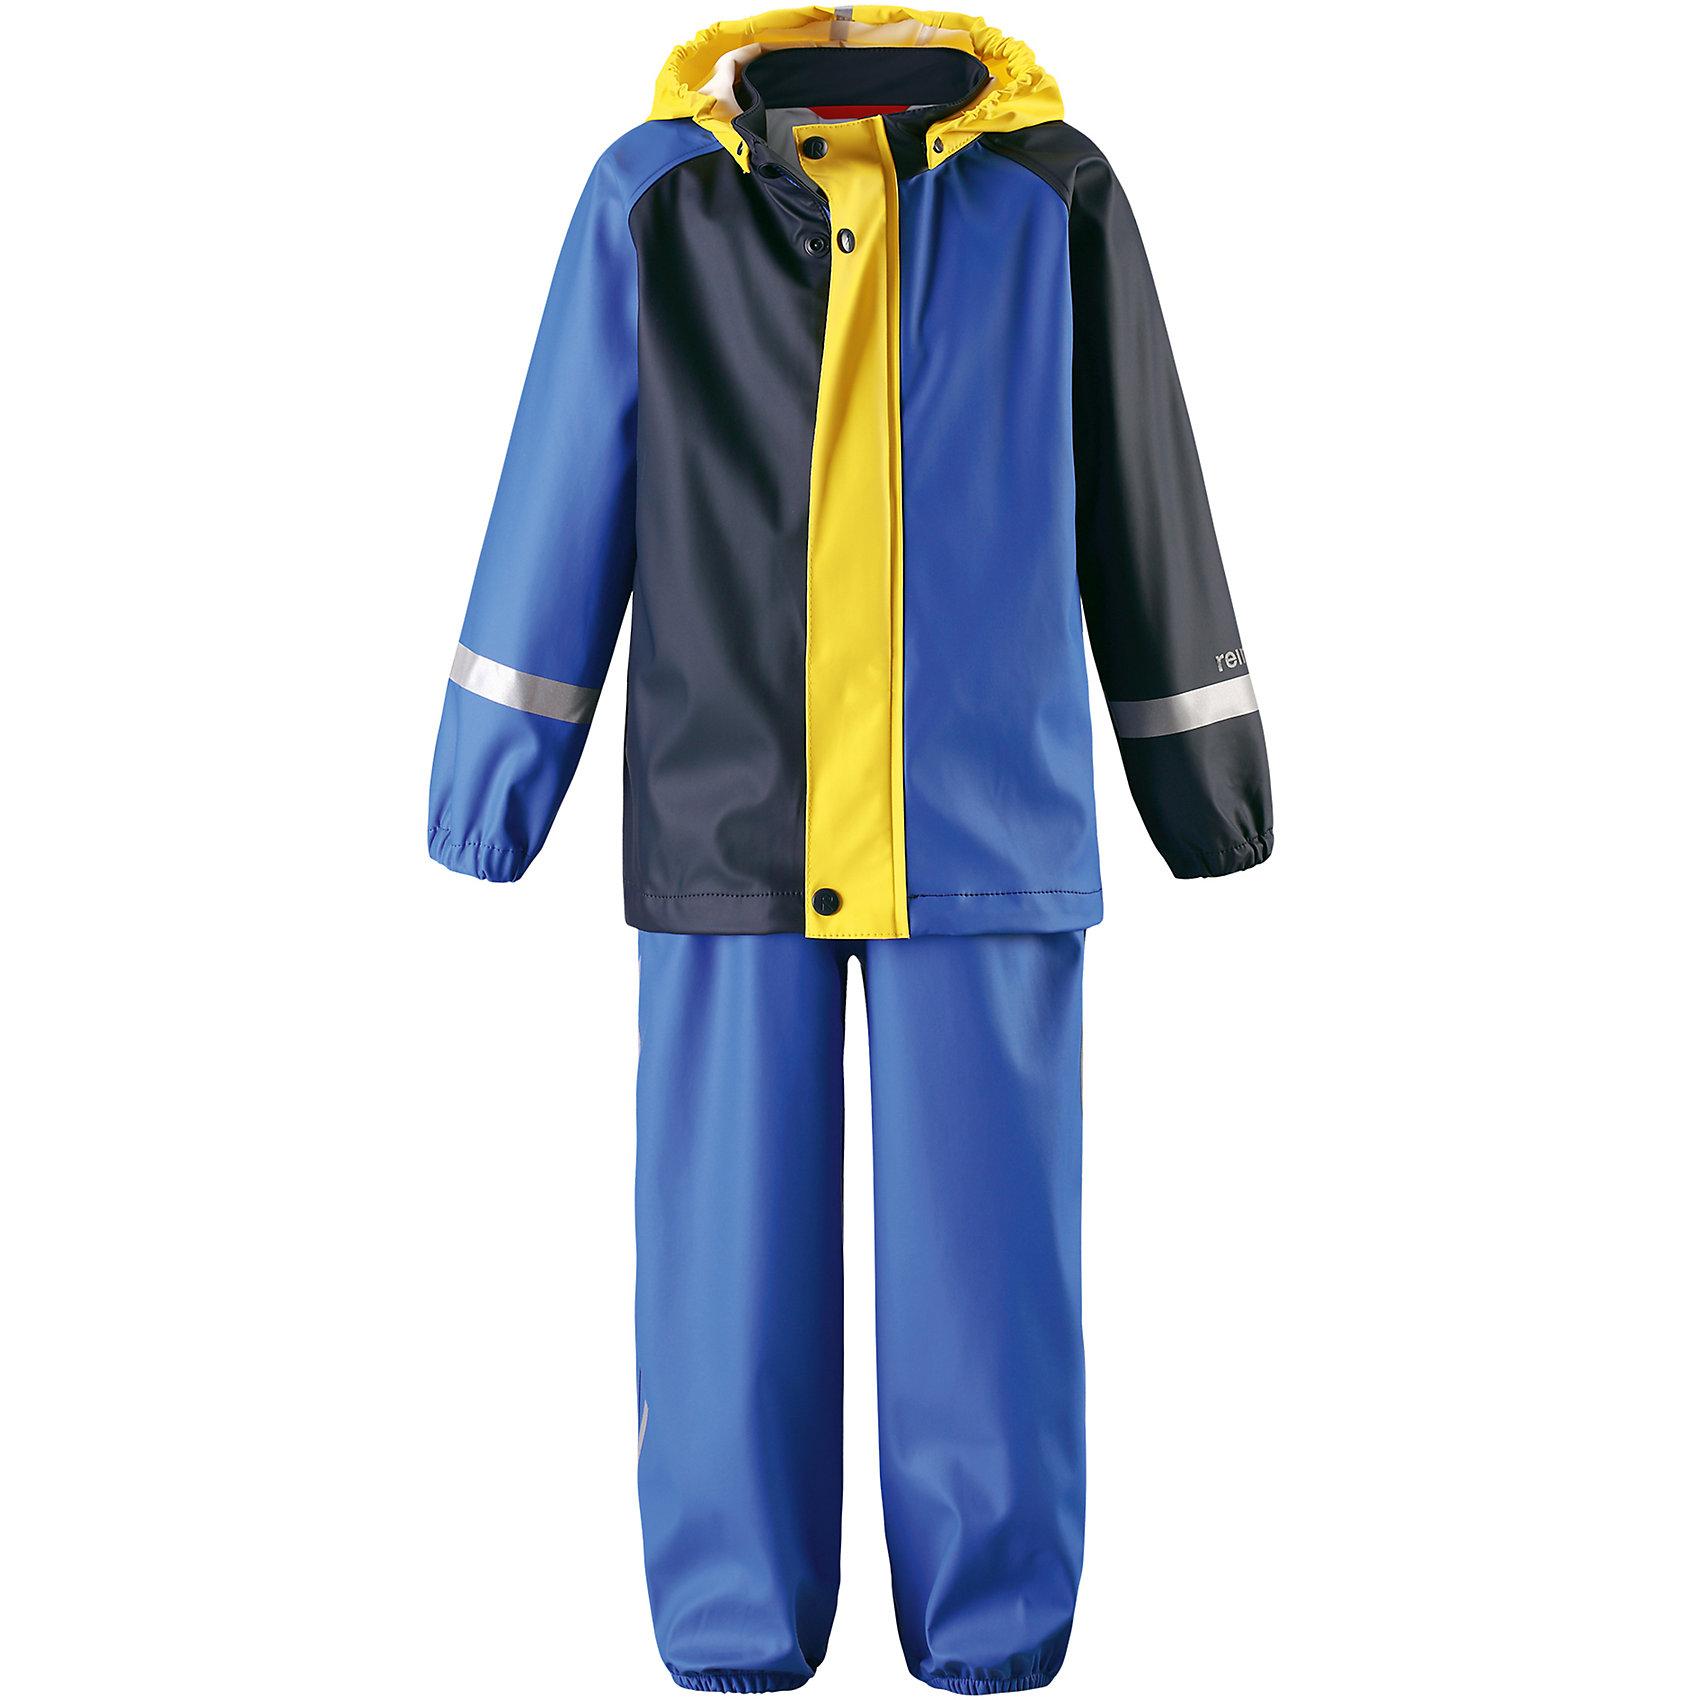 Непромокаемый комплект Tihku: куртка и брюки для мальчика ReimaОдежда<br>Характеристики товара:<br><br>• цвет: синий<br>• состав: 100% полиэстер, полиуретановое покрытие<br>• температурный режим: от +10°до +20°С<br>• водонепроницаемость: 10000 мм<br>• без утеплителя<br>• комплектация: куртка, штаны<br>• водонепроницаемый материал с запаянными швами<br>• эластичный материал<br>• не содержит ПВХ<br>• безопасный съемный капюшон<br>• эластичные манжеты <br>• регулируемая талия<br>• эластичные манжеты на брючинах<br>• комфортная посадка<br>• съемные эластичные штрипки <br>• регулируемые подтяжки<br>• спереди застёгивается на молнию<br>• светоотражающие детали<br>• страна производства: Китай<br>• страна бренда: Финляндия<br>• коллекция: весна-лето 2017<br><br>Демисезонный комплект из куртки и штанов поможет обеспечить ребенку комфорт и тепло. Предметы отлично смотрятся с различной одеждой. Комплект удобно сидит и модно выглядит. Материал отлично подходит для дождливой погоды. Стильный дизайн разрабатывался специально для детей.<br><br>Обувь и одежда от финского бренда Reima пользуются популярностью во многих странах. Они стильные, качественные и удобные. Для производства продукции используются только безопасные, проверенные материалы и фурнитура.<br><br>Комплект: куртка и брюки для мальчика от финского бренда Reima (Рейма) можно купить в нашем интернет-магазине.<br><br>Ширина мм: 356<br>Глубина мм: 10<br>Высота мм: 245<br>Вес г: 519<br>Цвет: синий<br>Возраст от месяцев: 48<br>Возраст до месяцев: 60<br>Пол: Мужской<br>Возраст: Детский<br>Размер: 80,92,116,98,104,110,86,74<br>SKU: 5265436